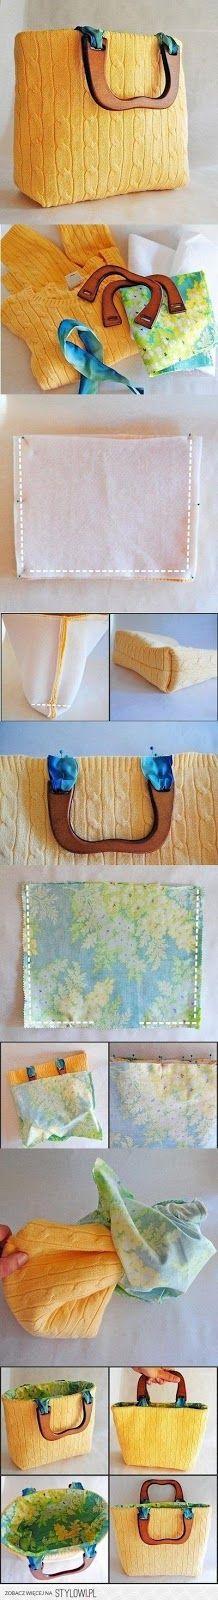 #DIY #FAIDATE #RICICLO Turning a swater in a bag   trasformare un maglione in una borsa